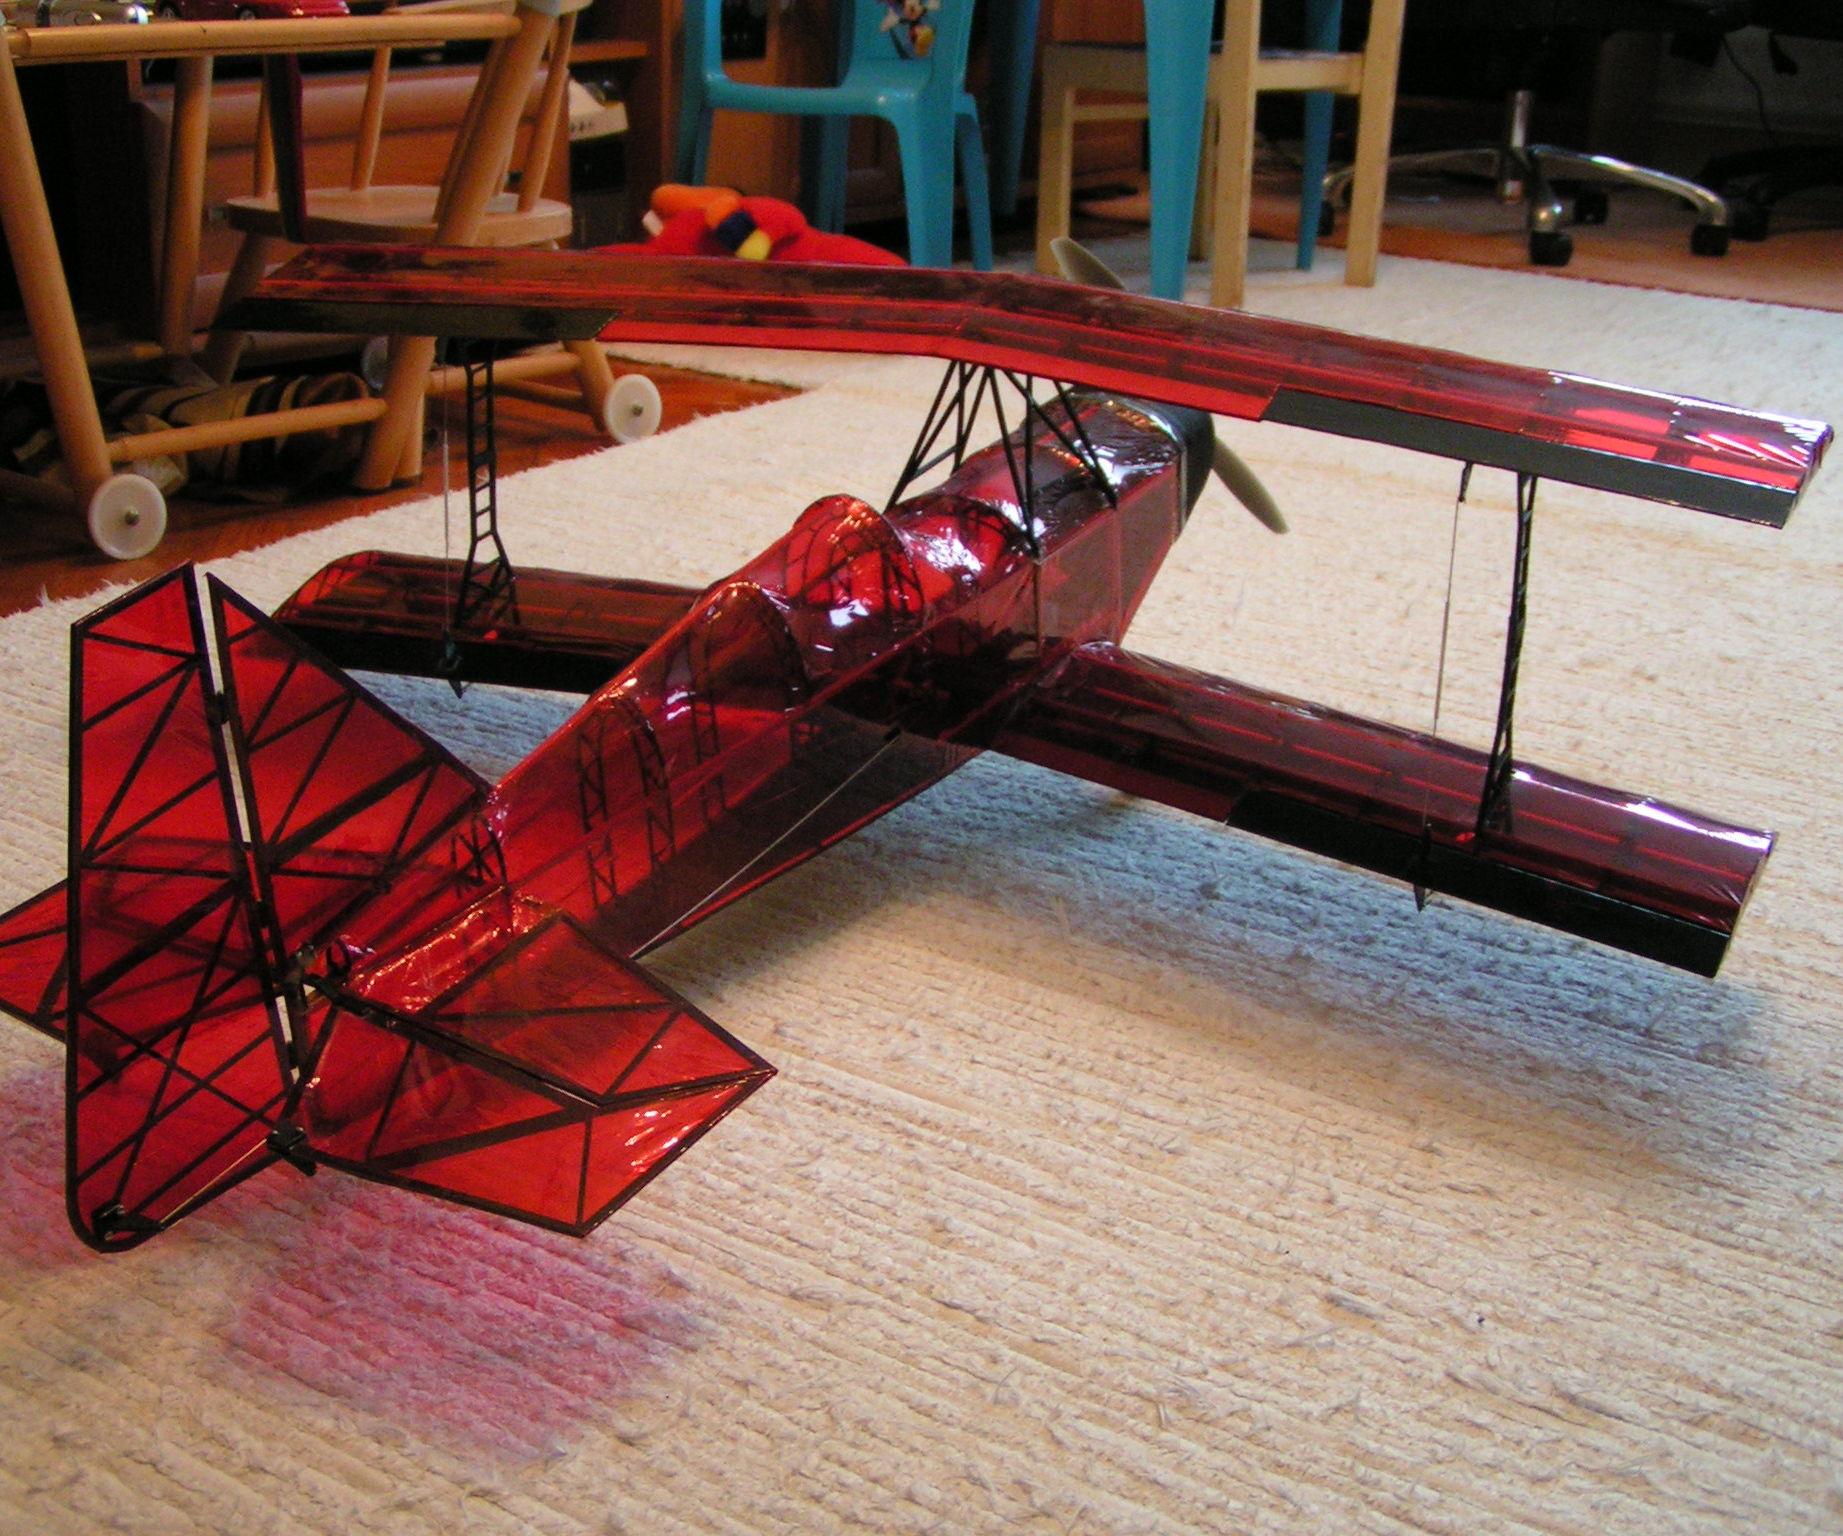 3D printed ultimate biplane 10-300S